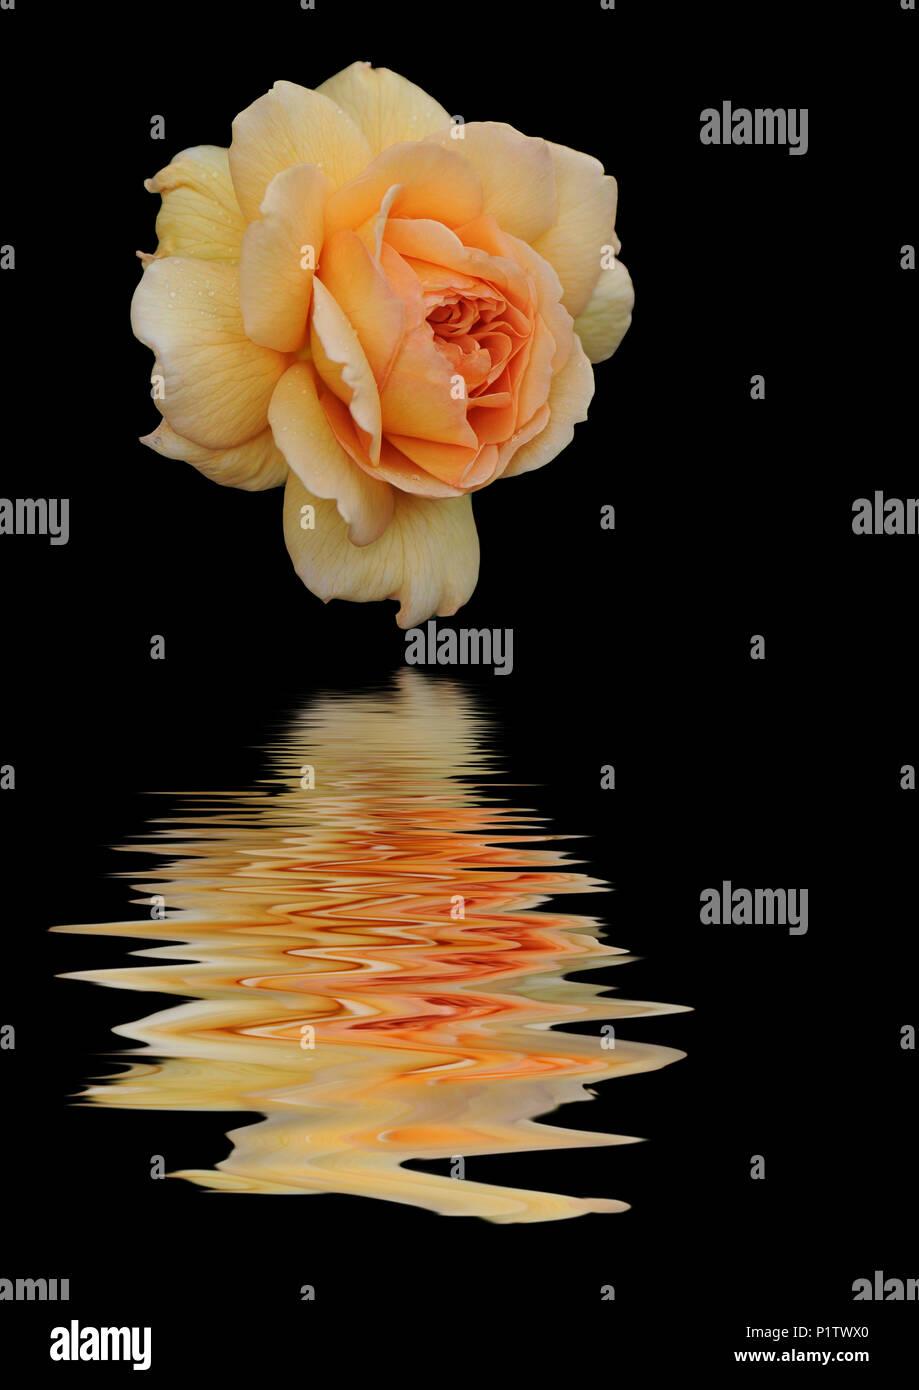 Immagine di arte di rosa inglese 39 grazia 39 riflessa nell for Rosa inglese